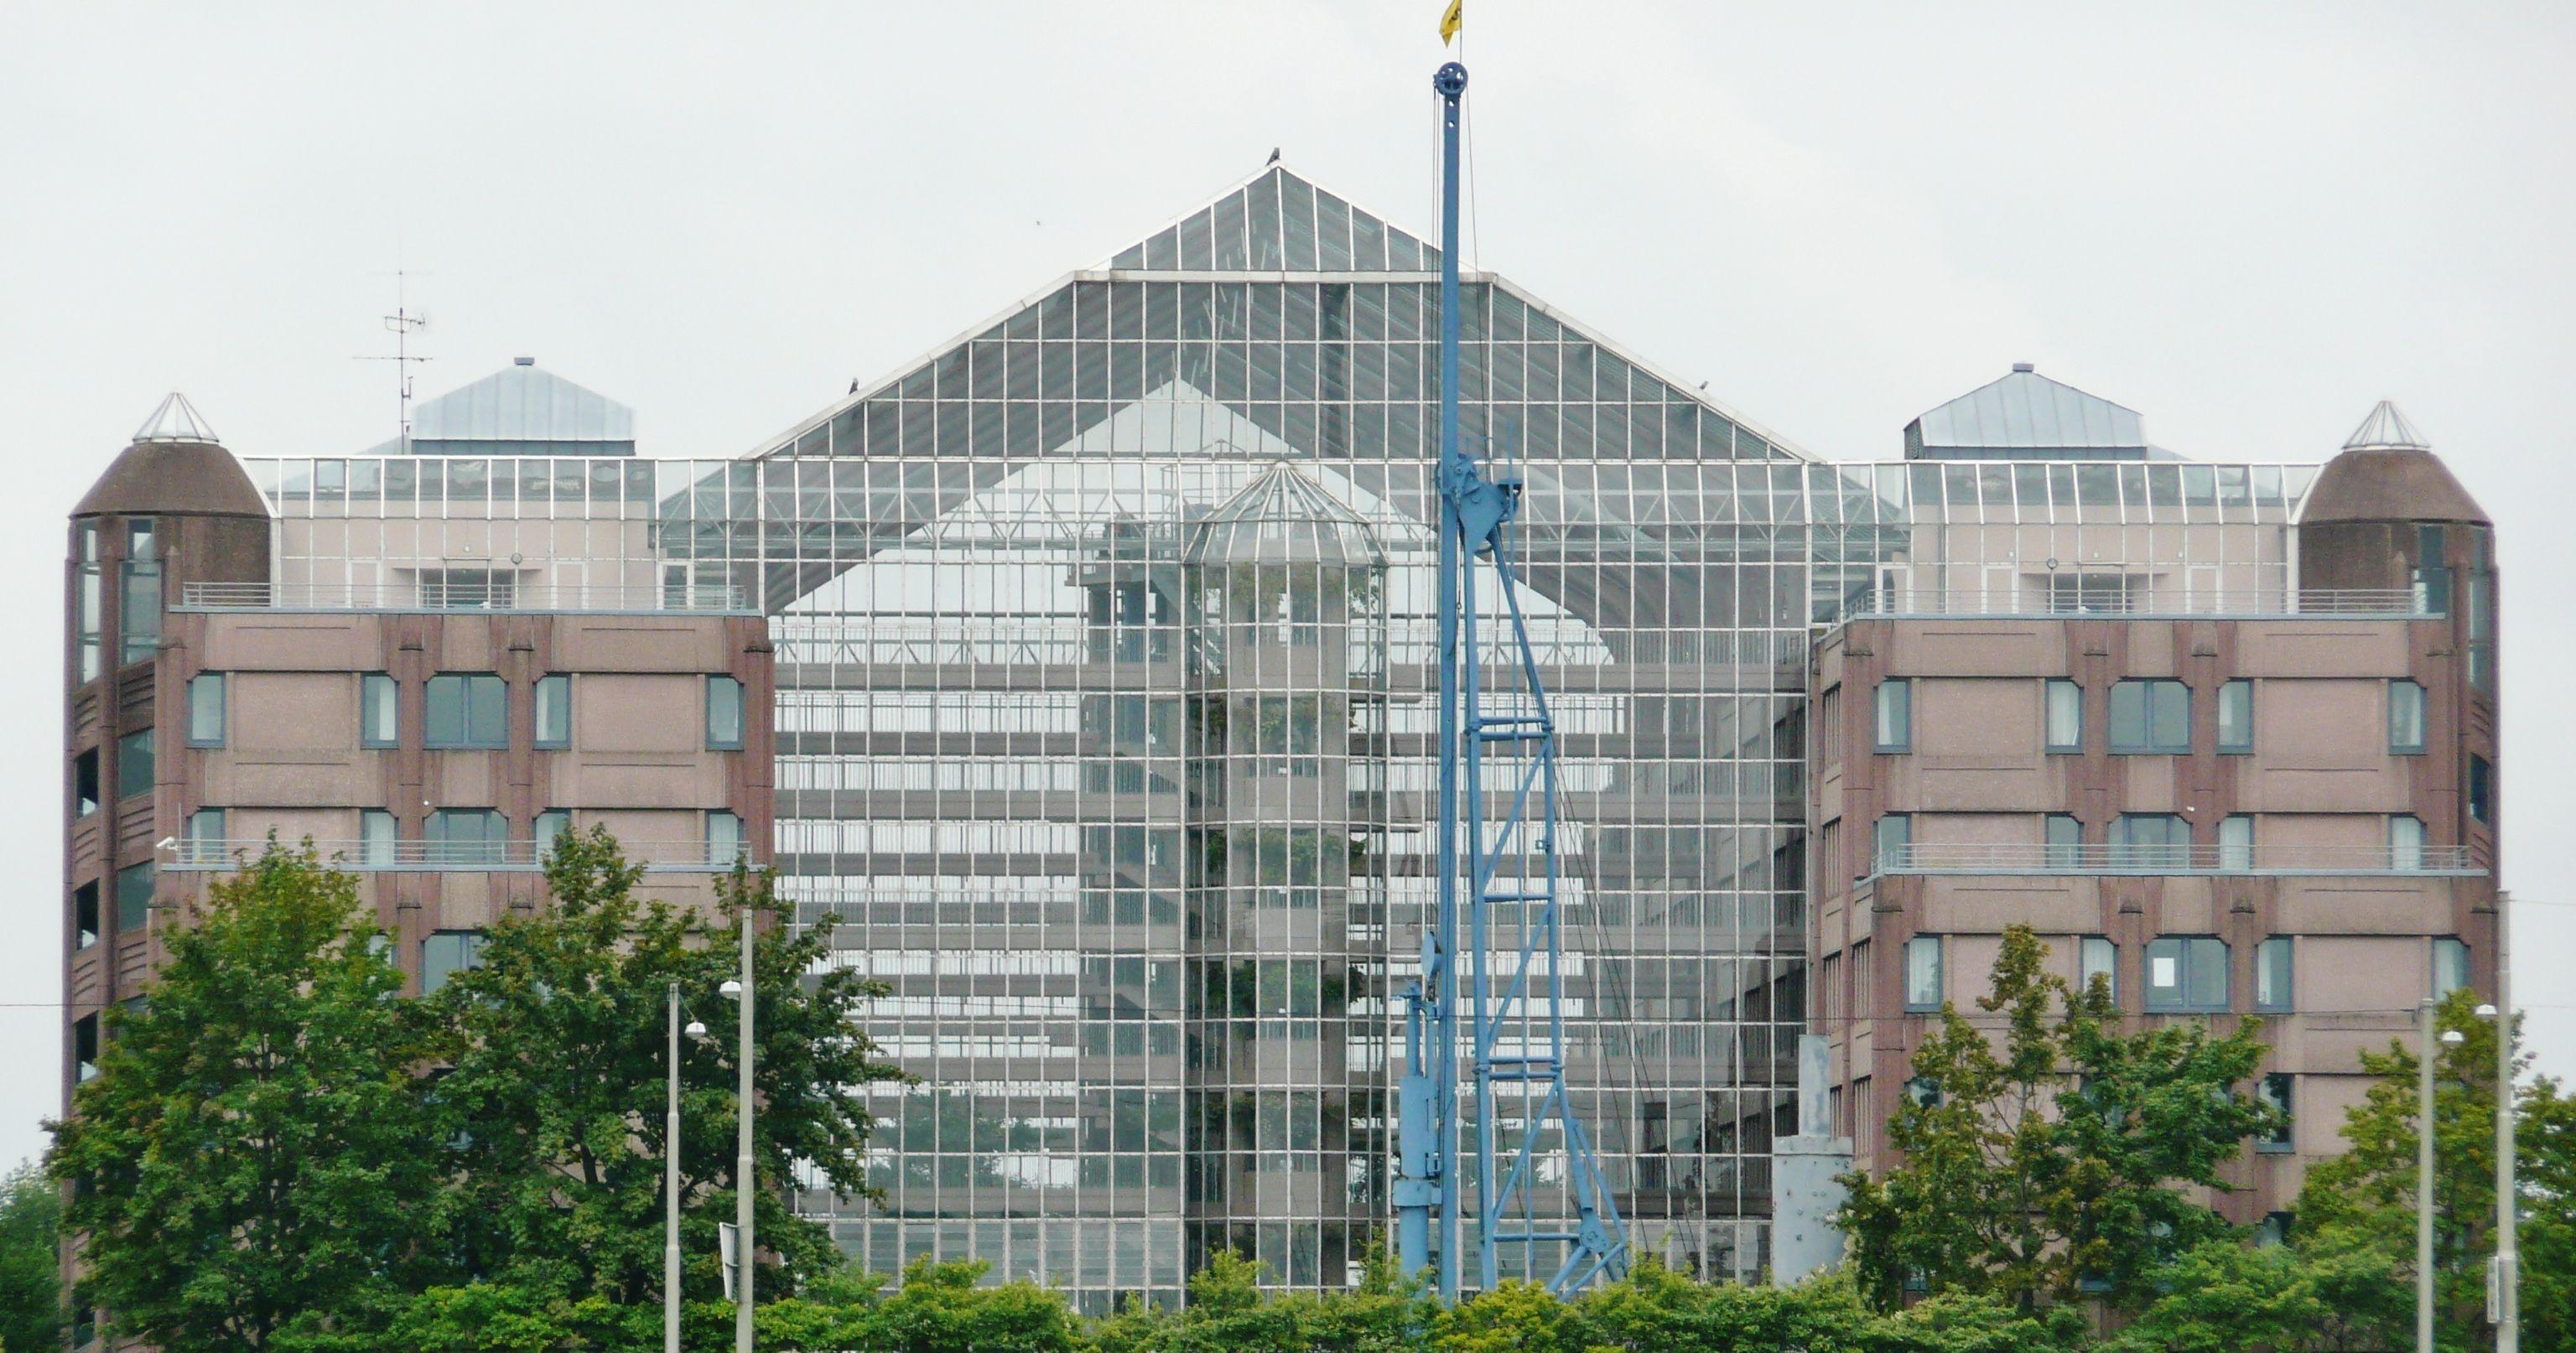 Züblin Verwaltungsgebäude Google 搜索 Gottfried Böhm Pinterest